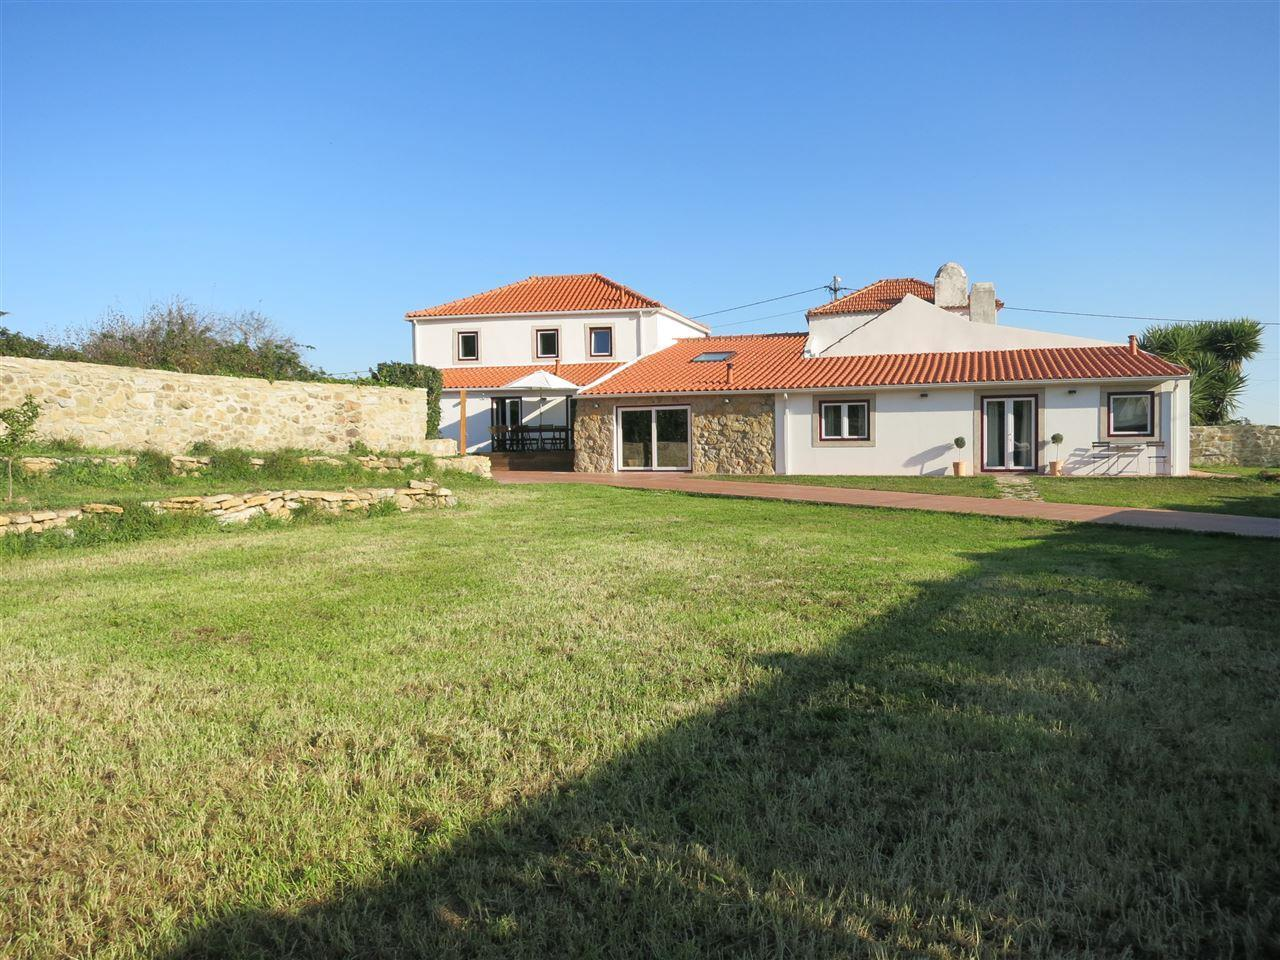 Maison unifamiliale pour l Vente à House, 5 bedrooms, for Sale Sintra, Lisbonne Portugal